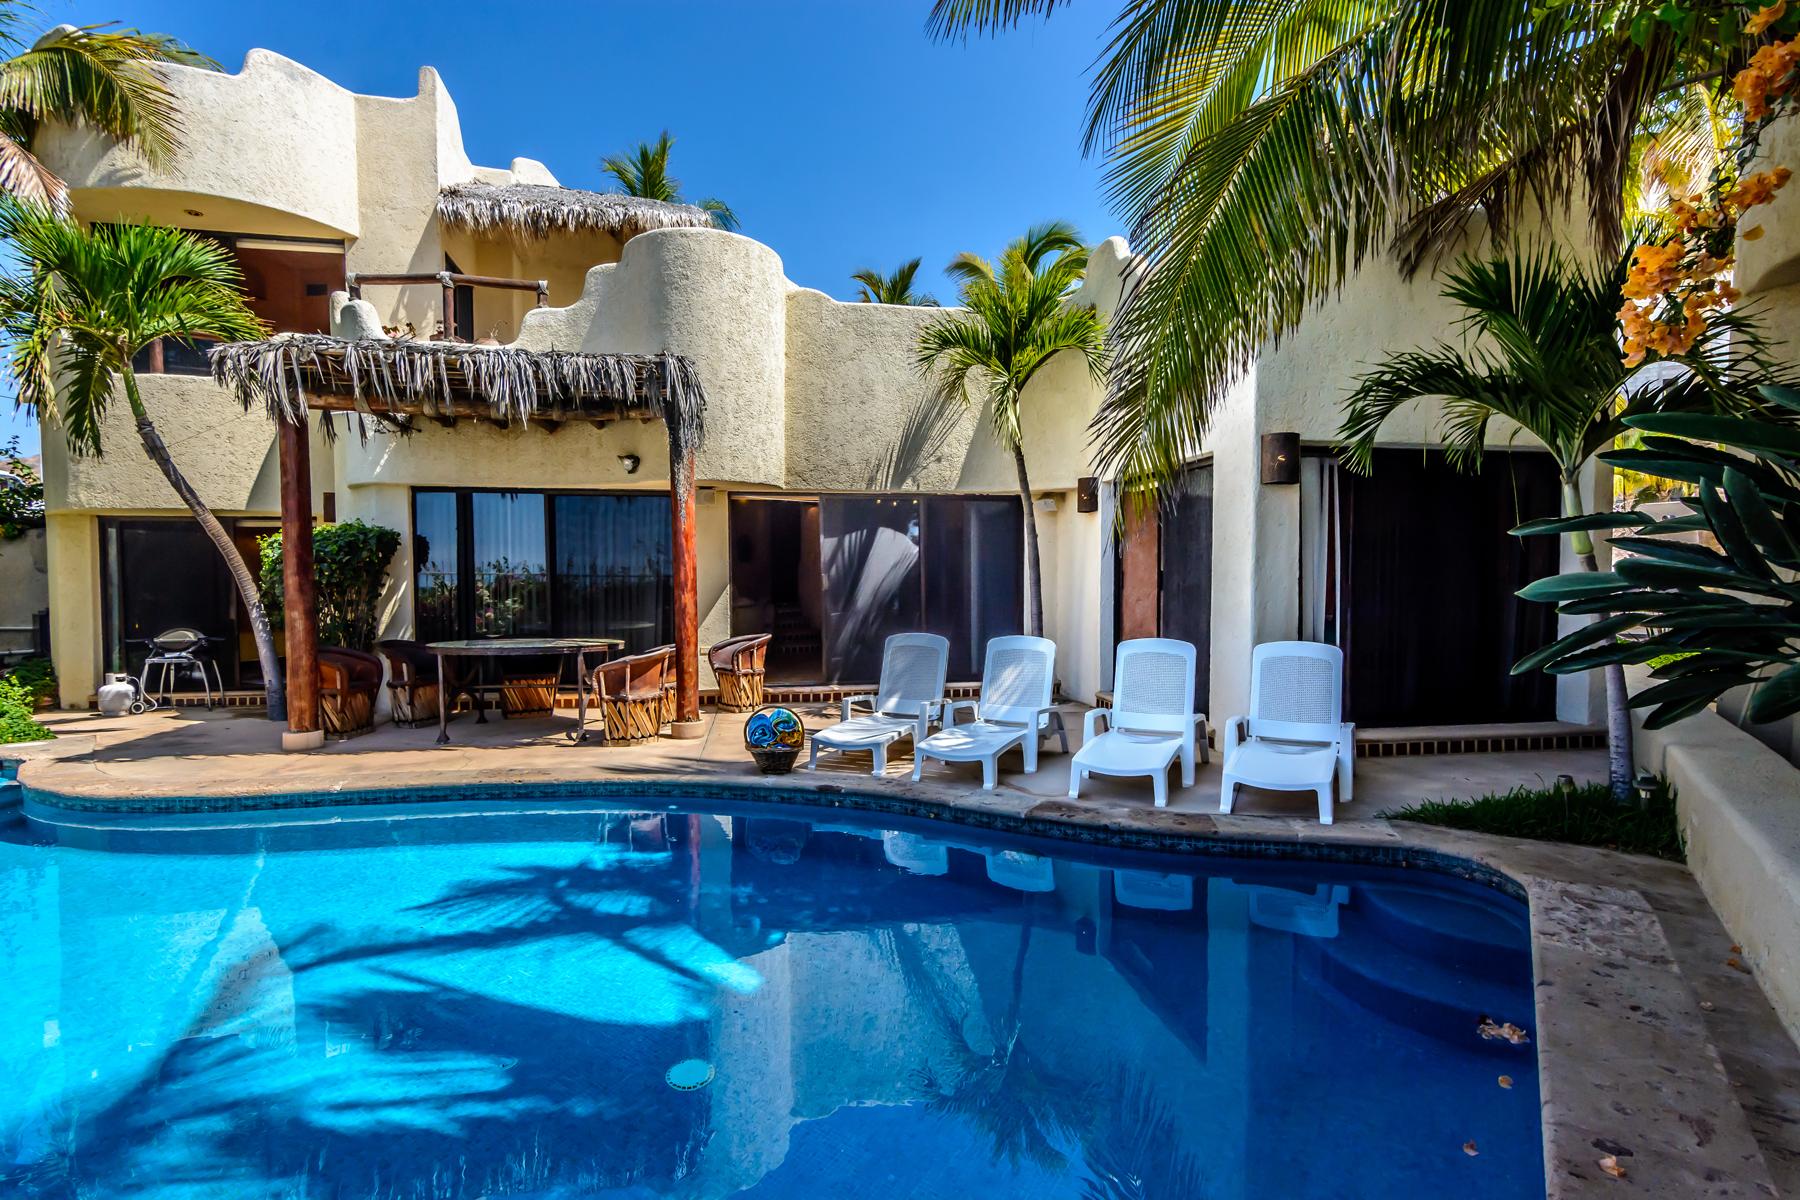 Casa Unifamiliar por un Venta en Casa de la Playa San Jose Del Cabo, Baja California Sur México